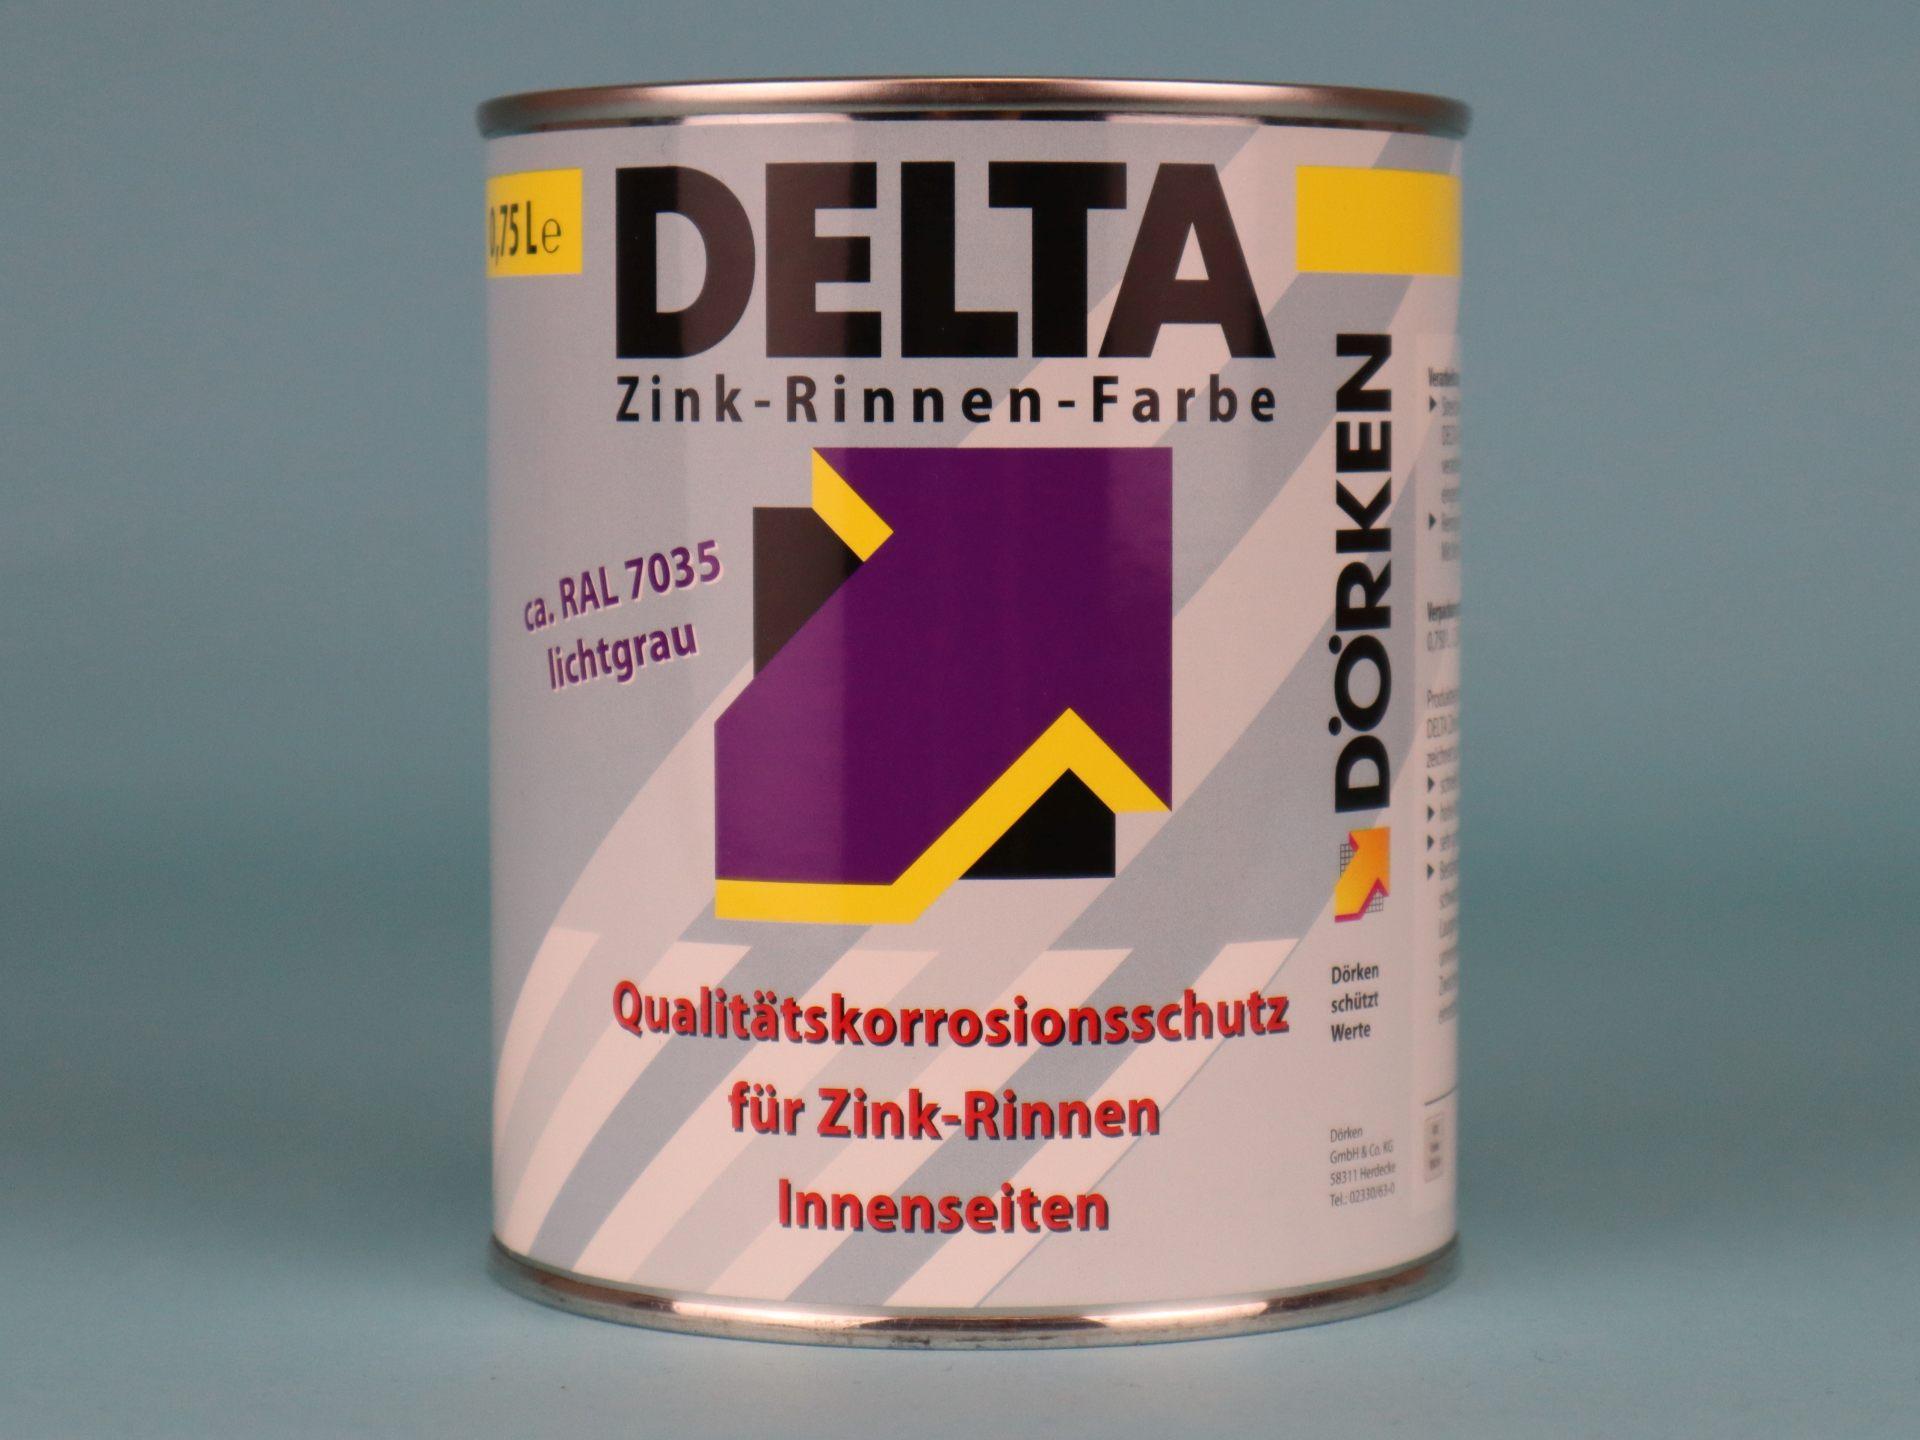 Delta-Zink-Rinnen-Farbe